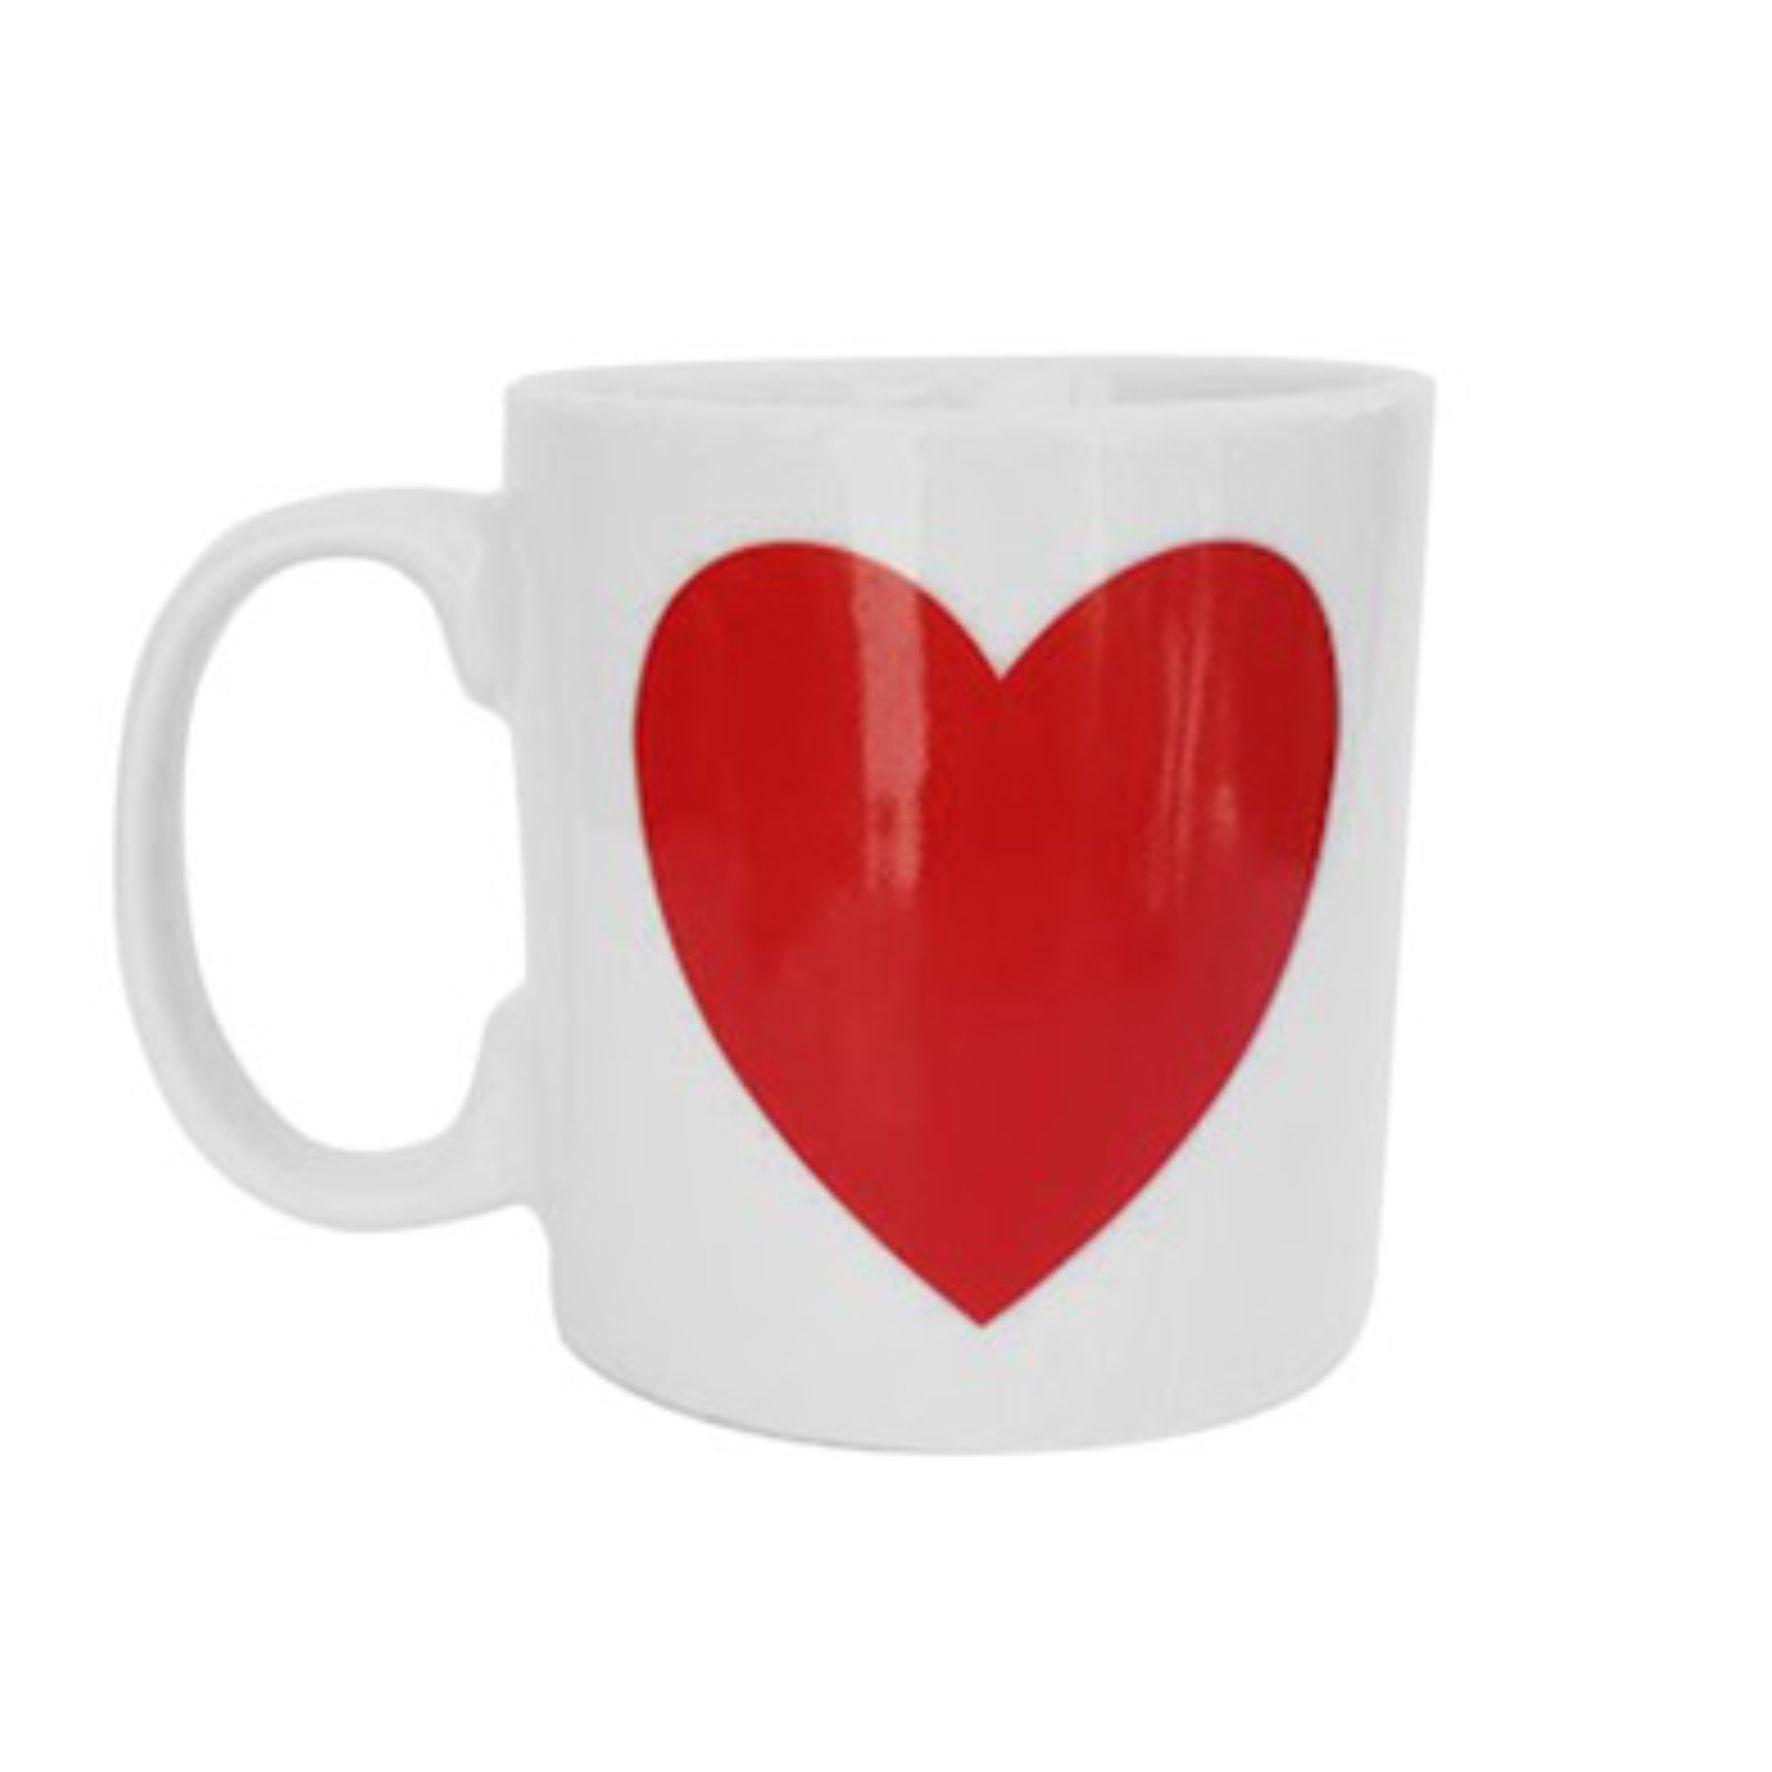 Caneca Decorativa Coração Vermelho